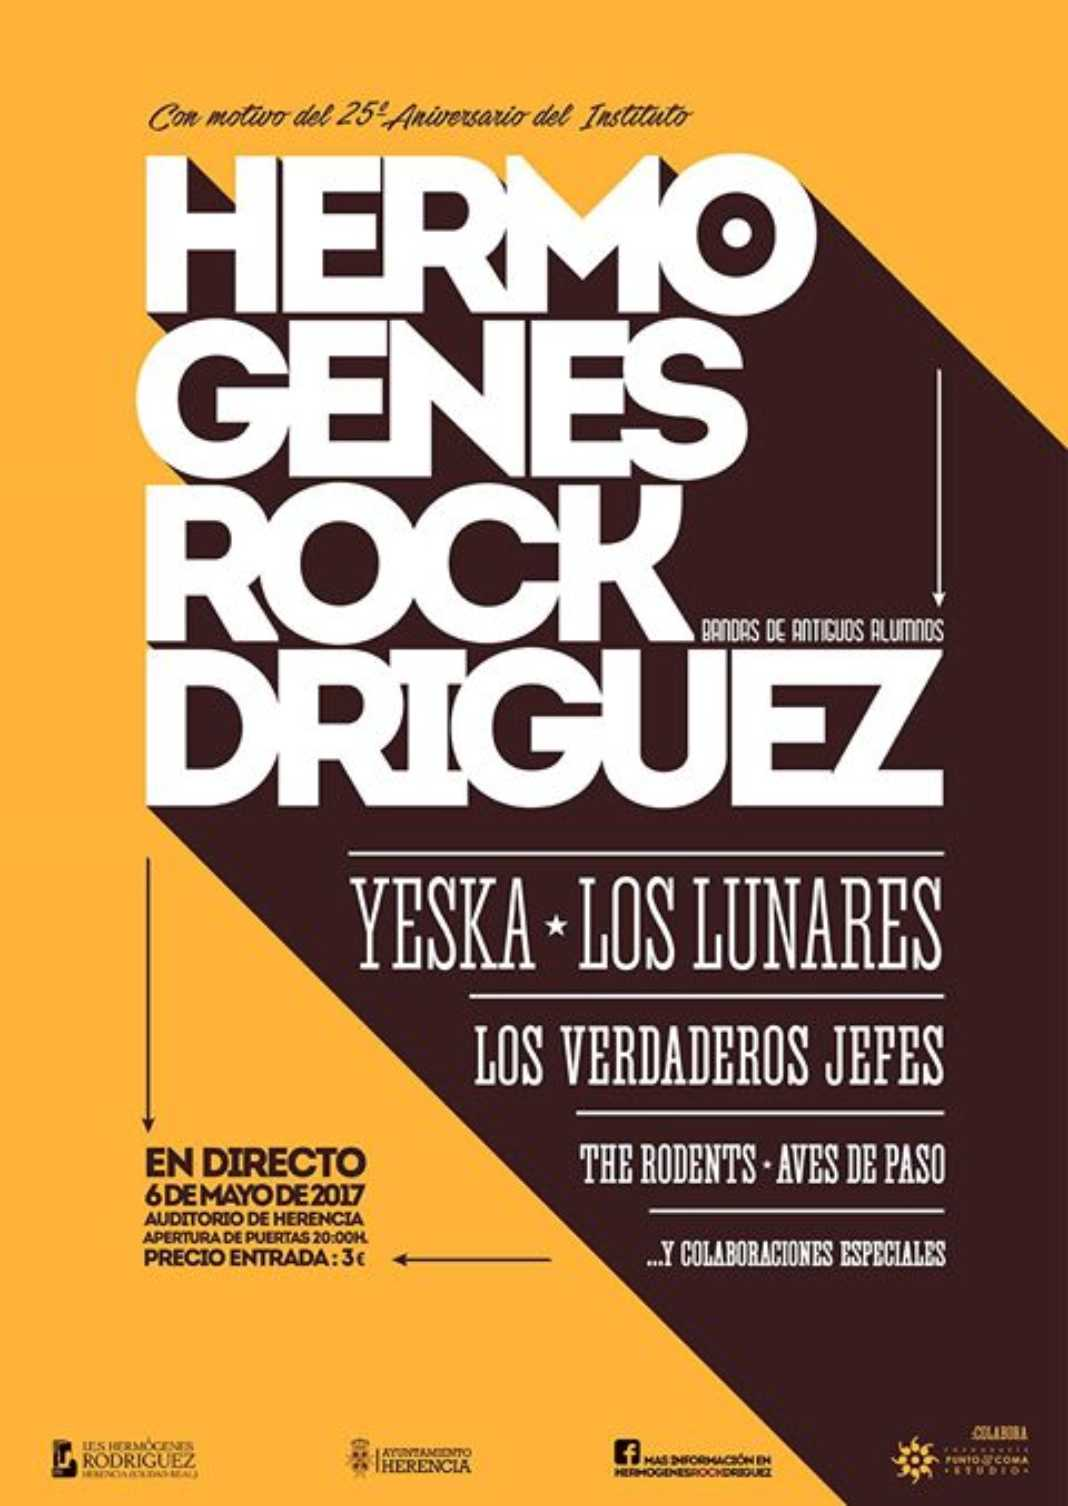 """CONCIERTO Hermógenes ROCKdríguez 1068x1506 - Ya puedes adquirir las entradas para el Concierto """"Hermógenes ROCKdríguez"""" del 6 de mayo"""